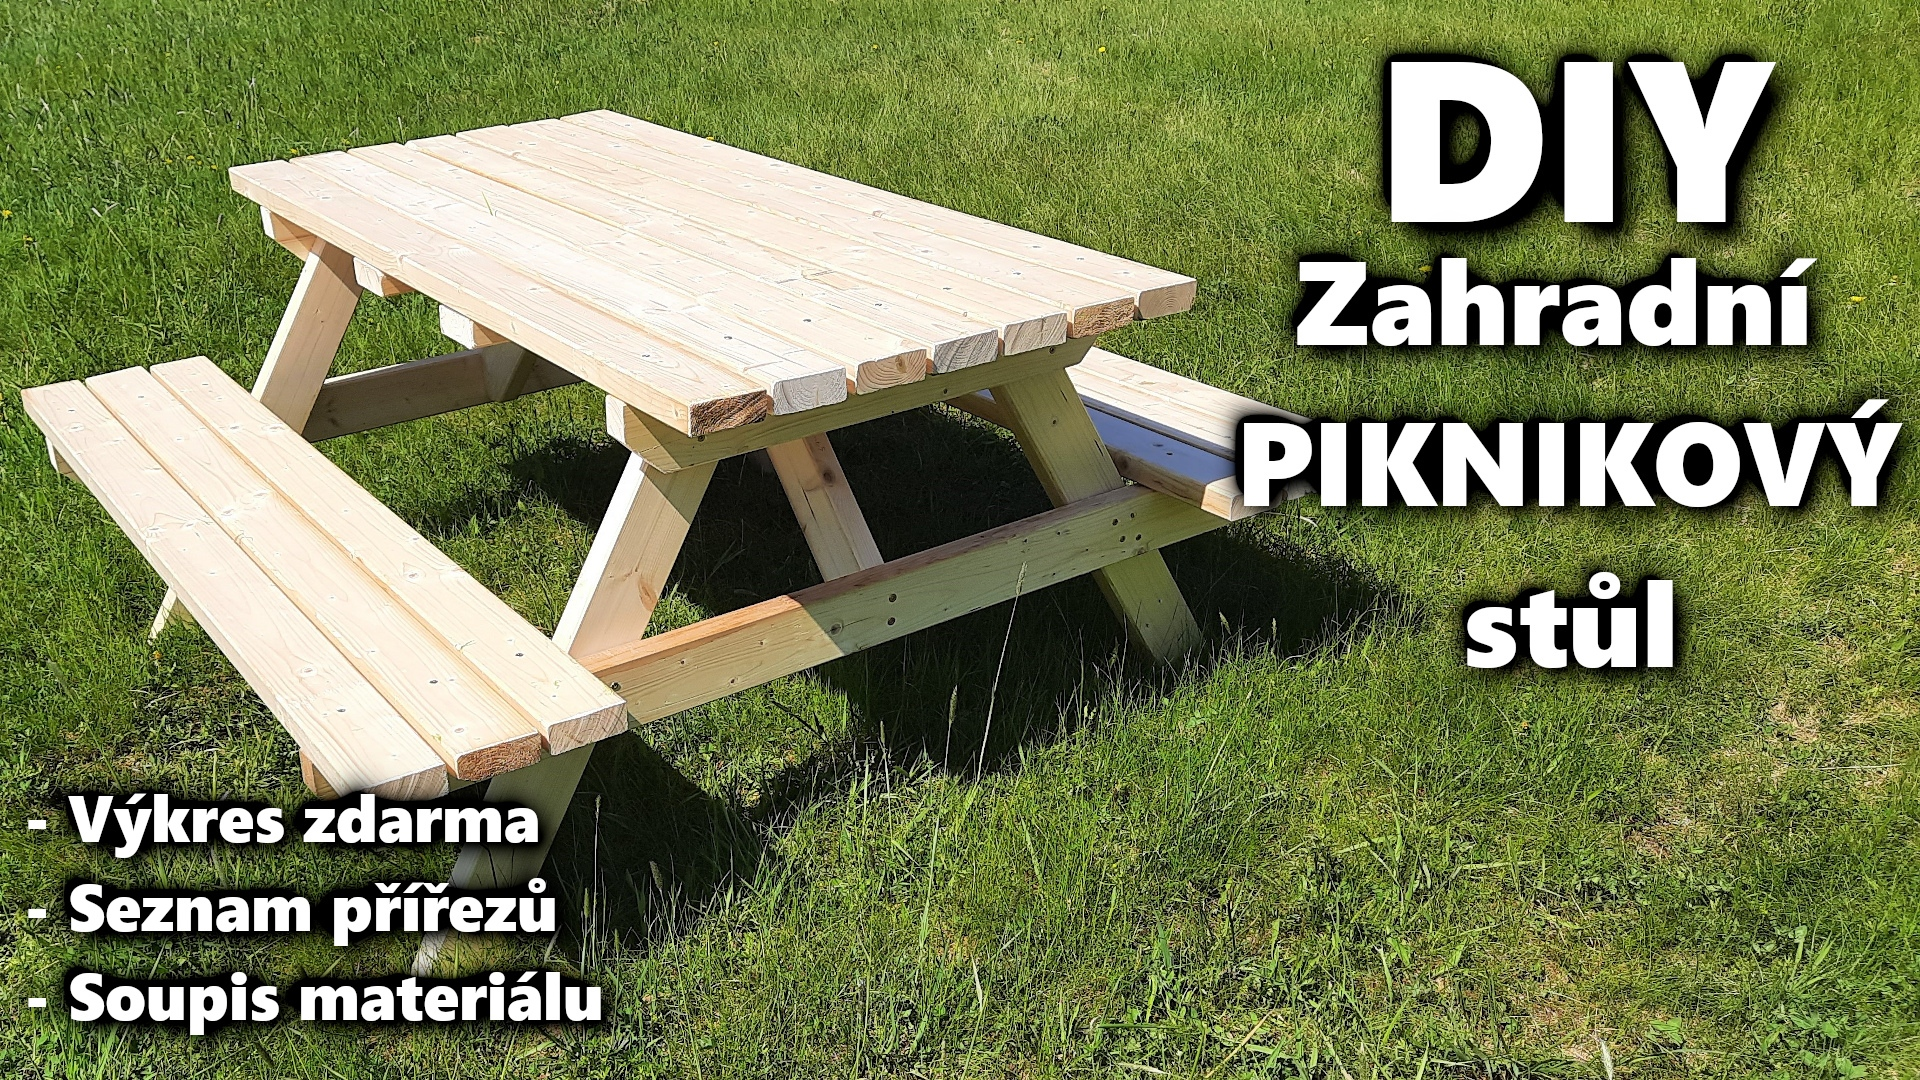 DIY zahradní piknikový stůl pivni set